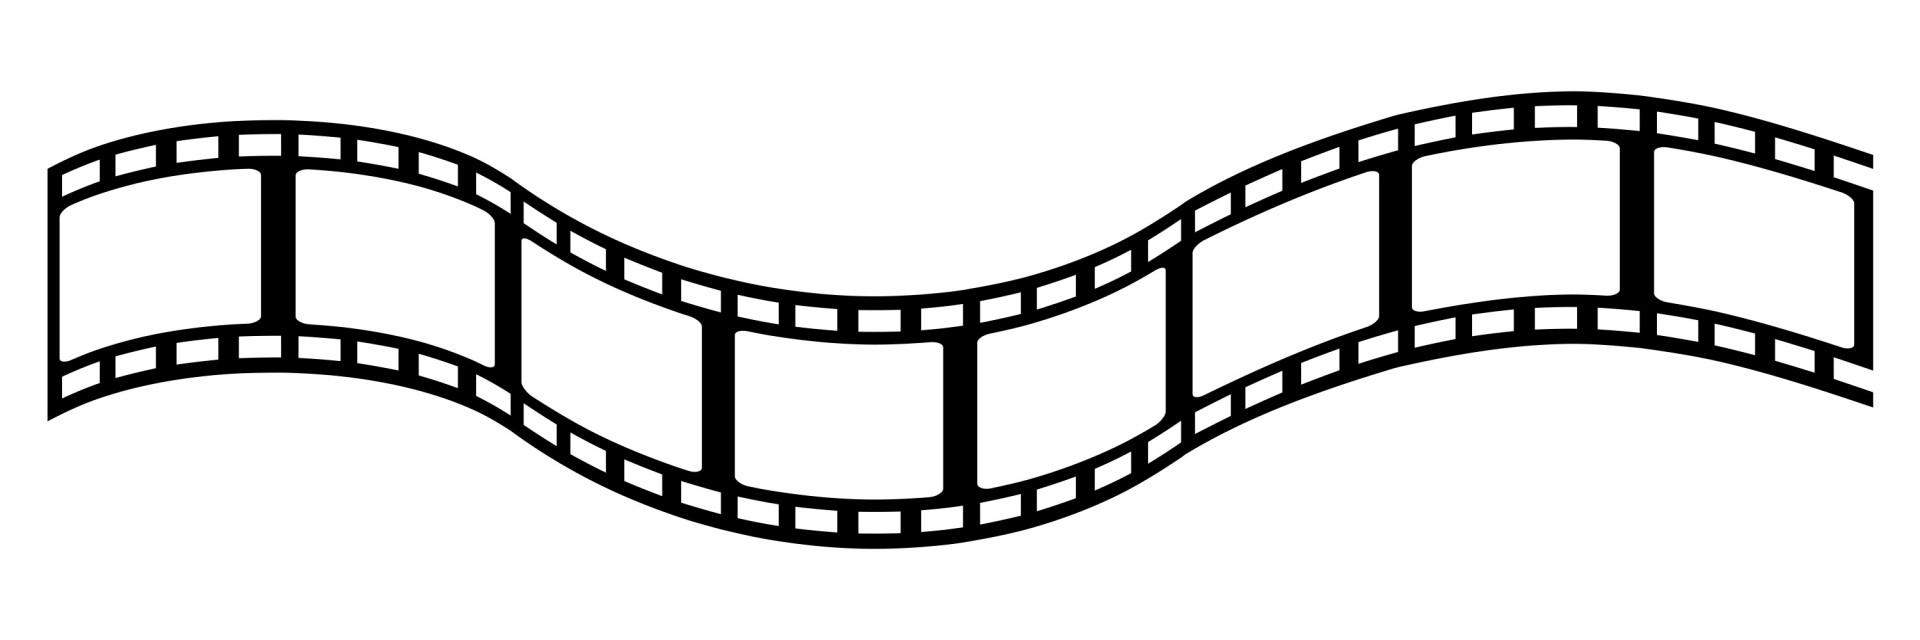 1920x640 Film Strip Clipart